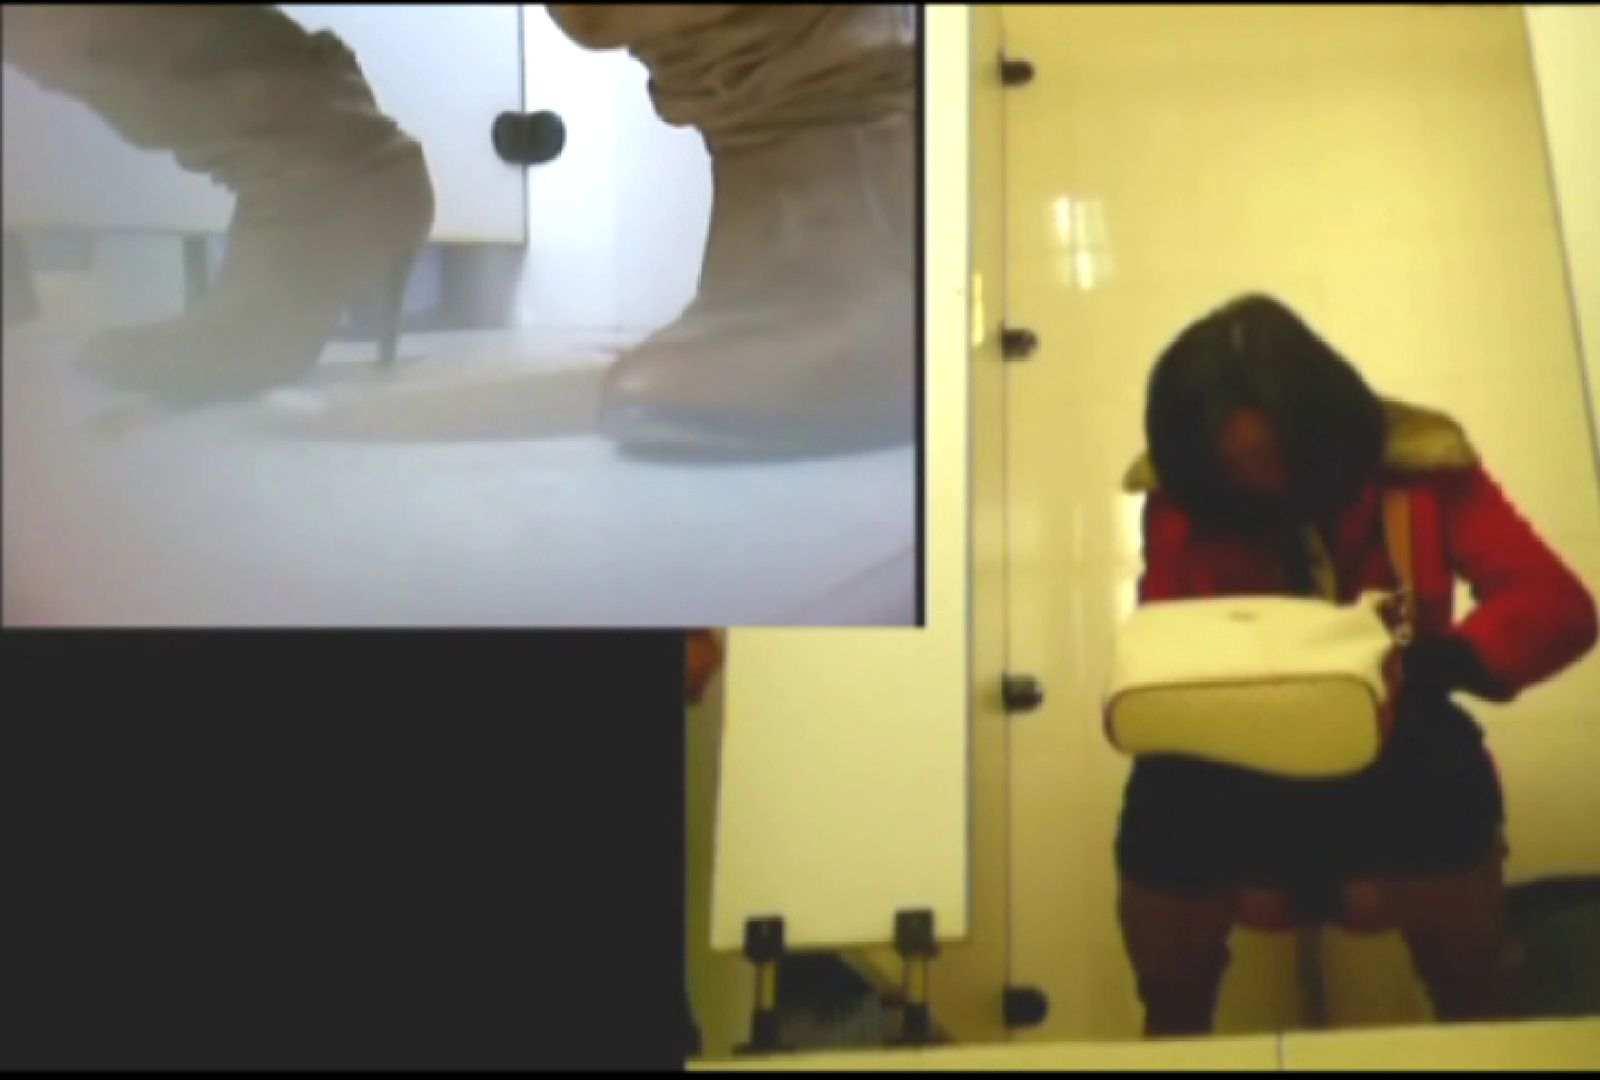 洗面所で暗躍する撮師たちの潜入記Vol.4 洗面所突入 エロ無料画像 107pic 23